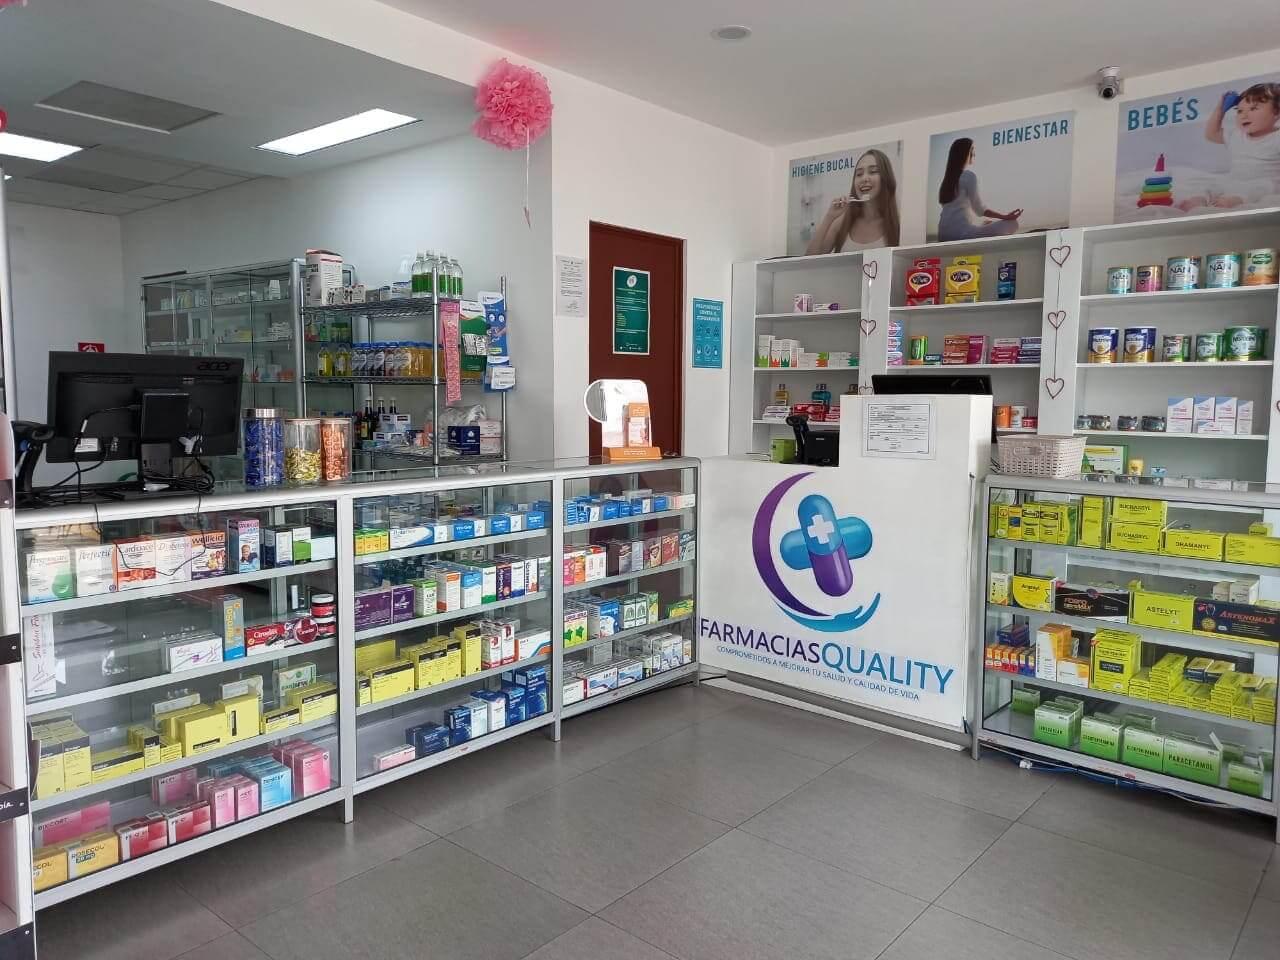 farmacia-quality-plaza-kristal-0012